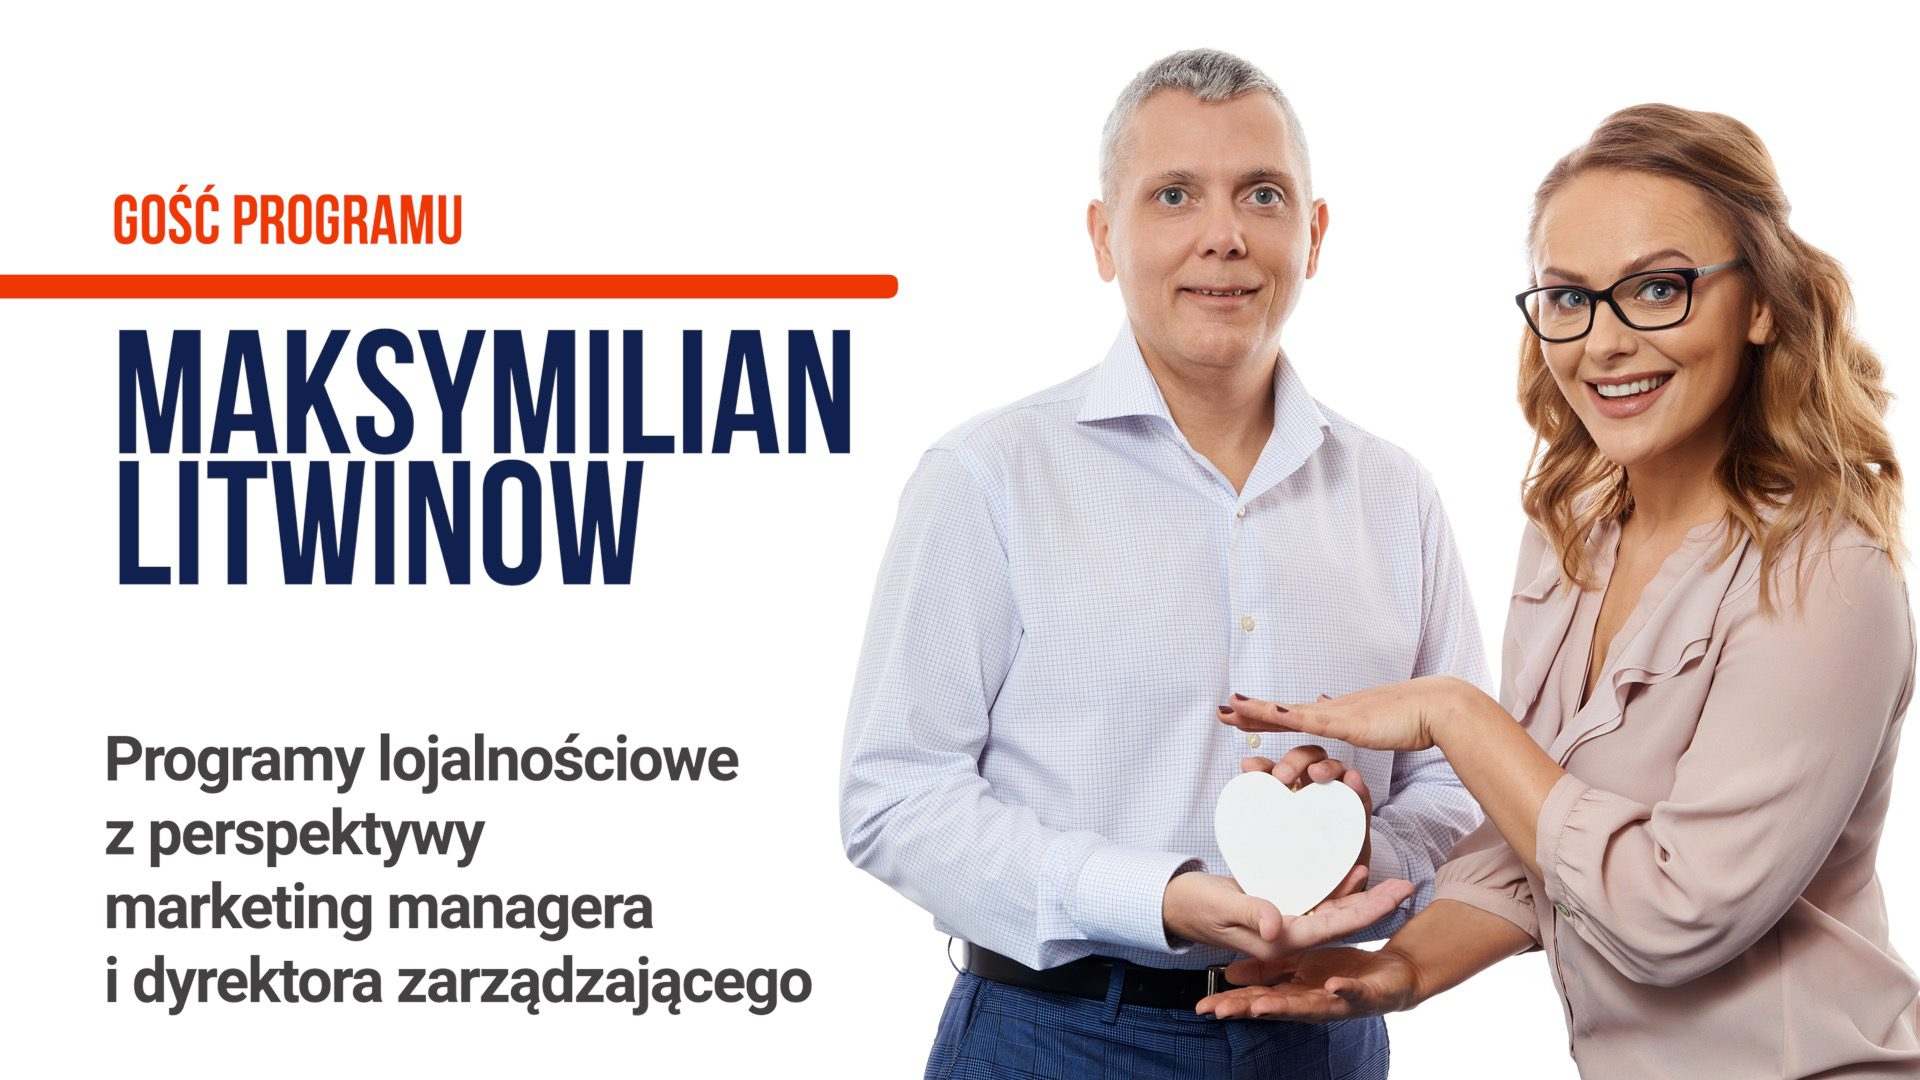 12 Maksymilian Litwinow PLANSZA